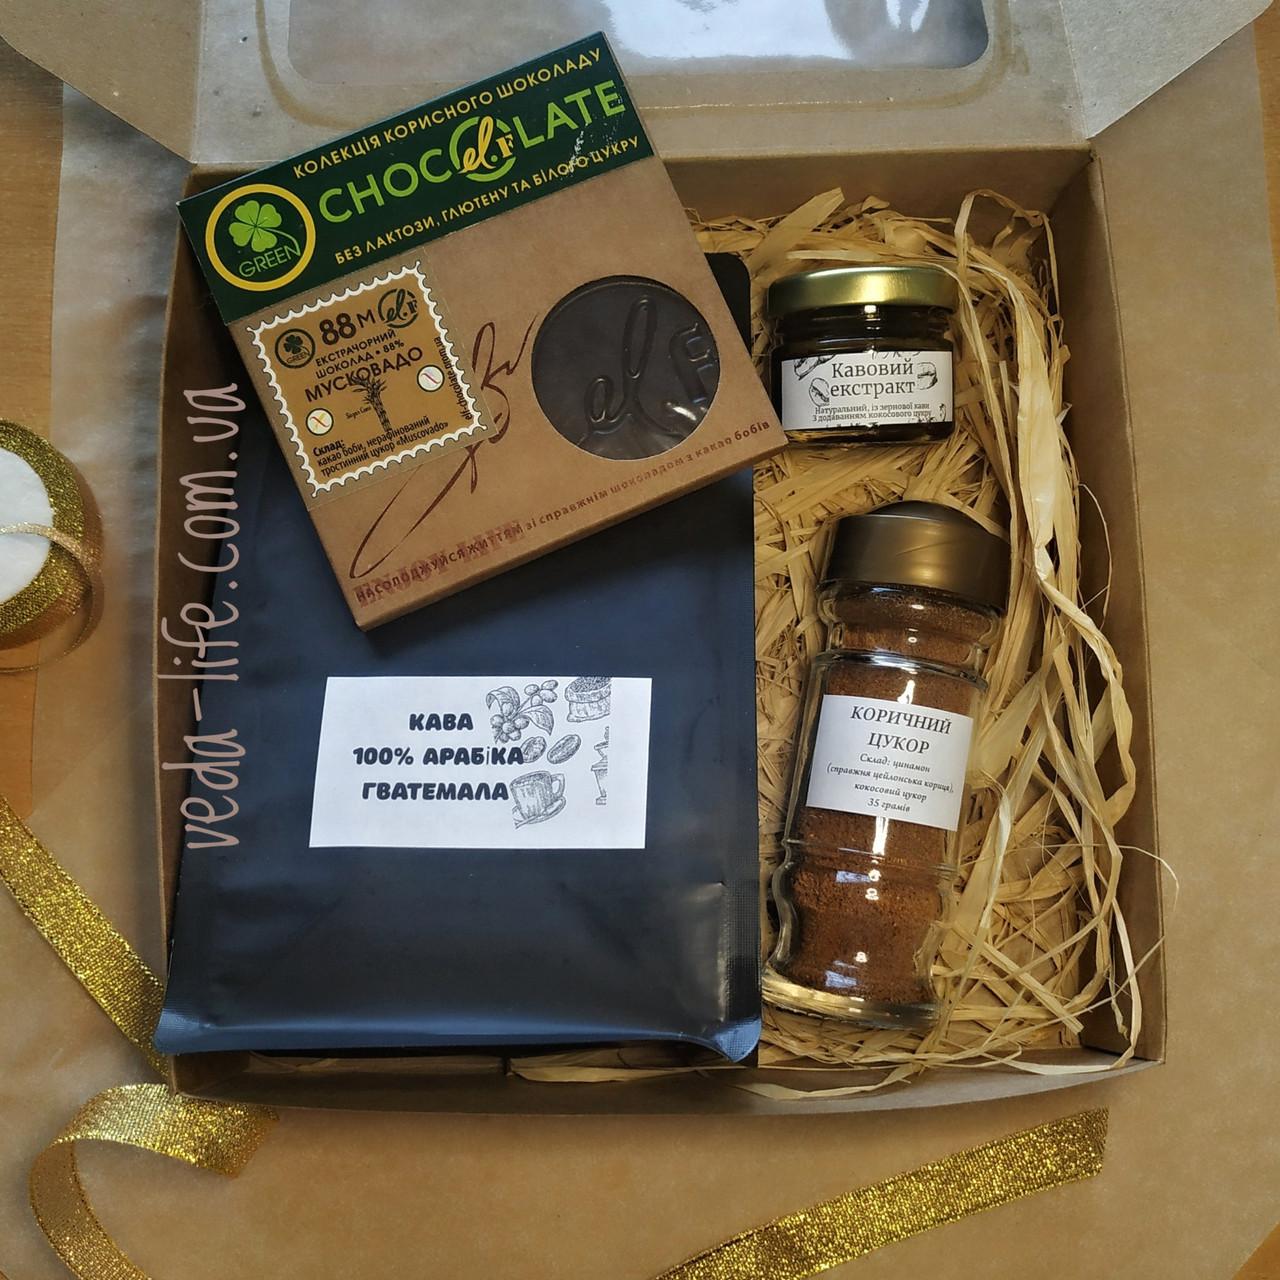 Кофейный набор Coffee-Love: кофе 100% Арабика, кофейный экстракт, специи для кофе, кофейное печенье/шоколад